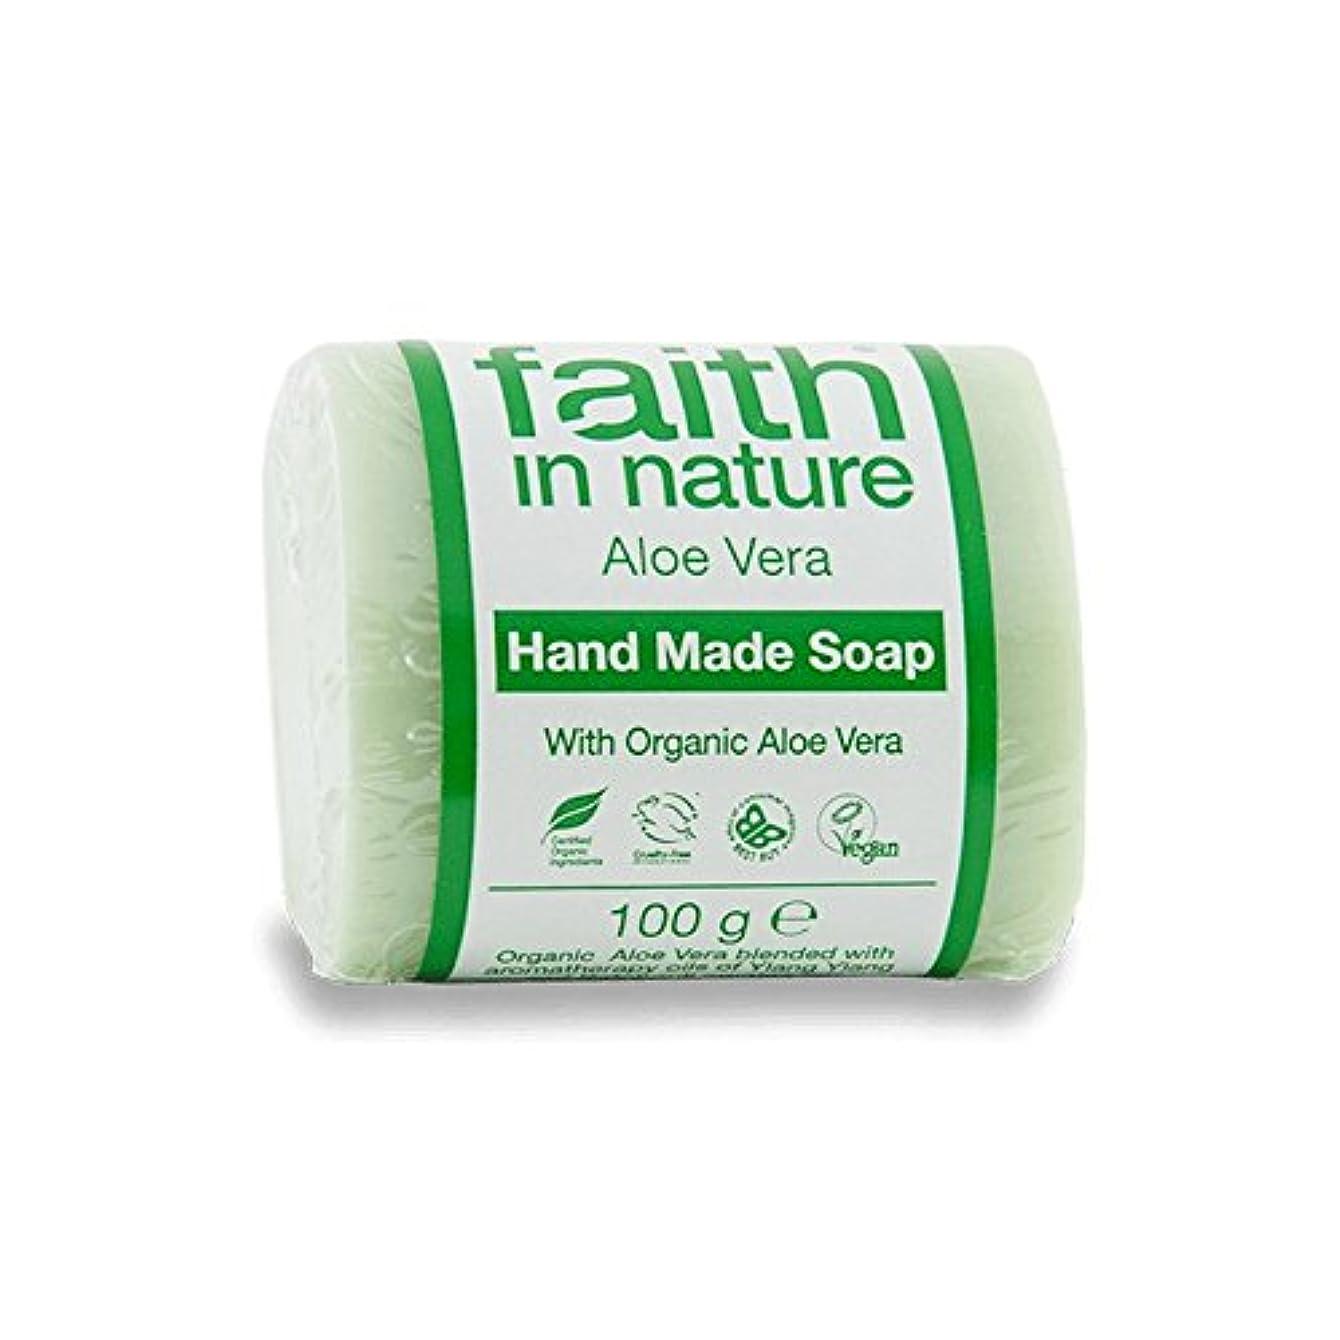 章ナット苦情文句Faith in Nature Aloe Vera with Ylang Ylang Soap 100g (Pack of 2) - イランイランソープ100グラムと自然のアロエベラの信仰 (x2) [並行輸入品]